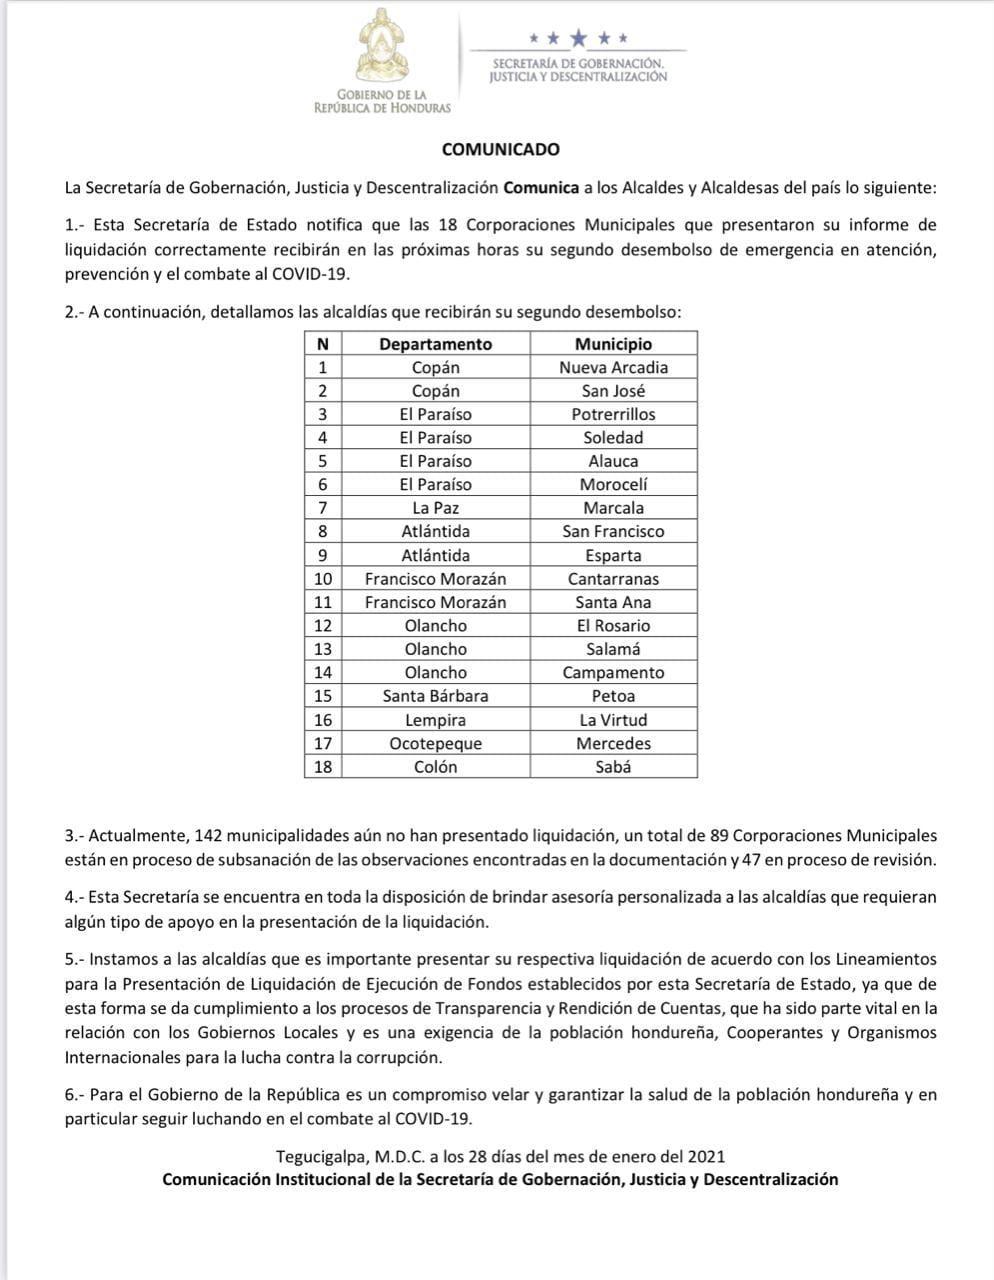 16 Alcaldías liquidan de manera exitosa los fondos del programa Fuerza Honduras